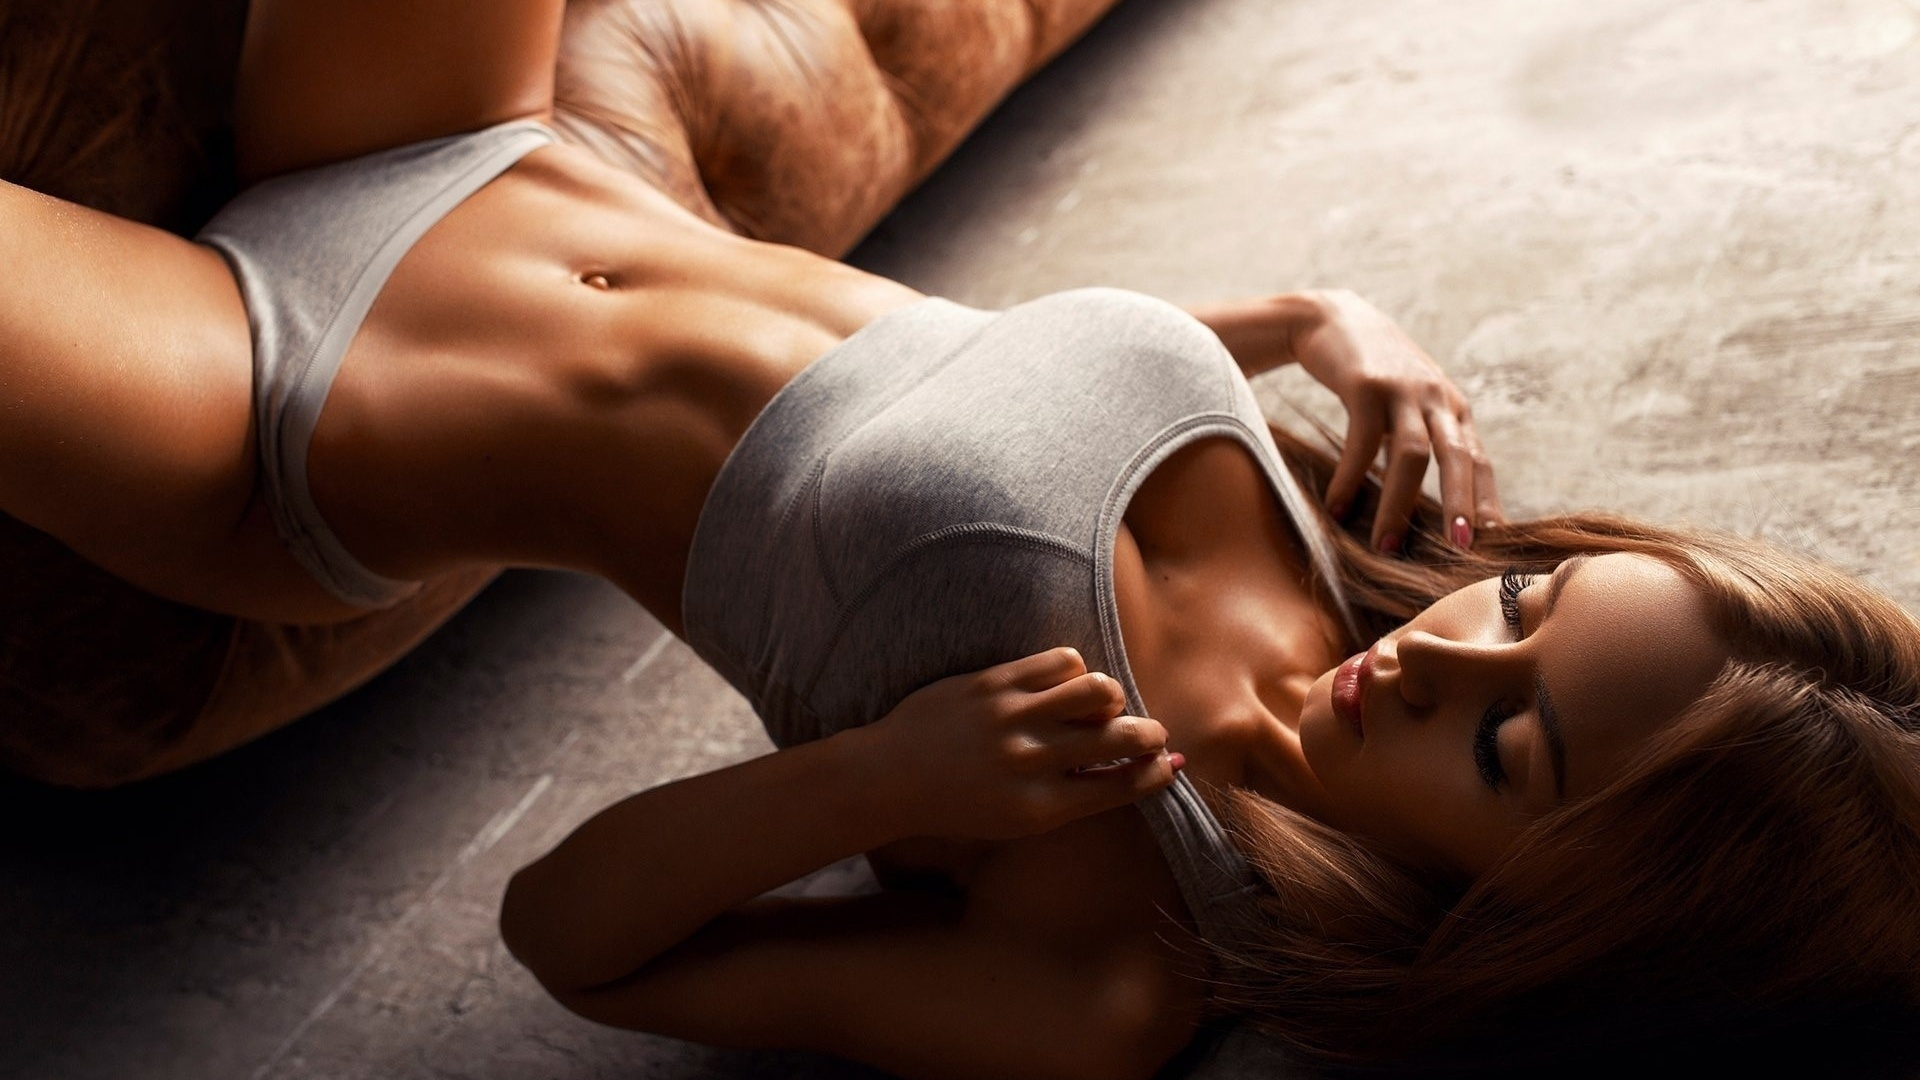 Картинки красивые женские тела